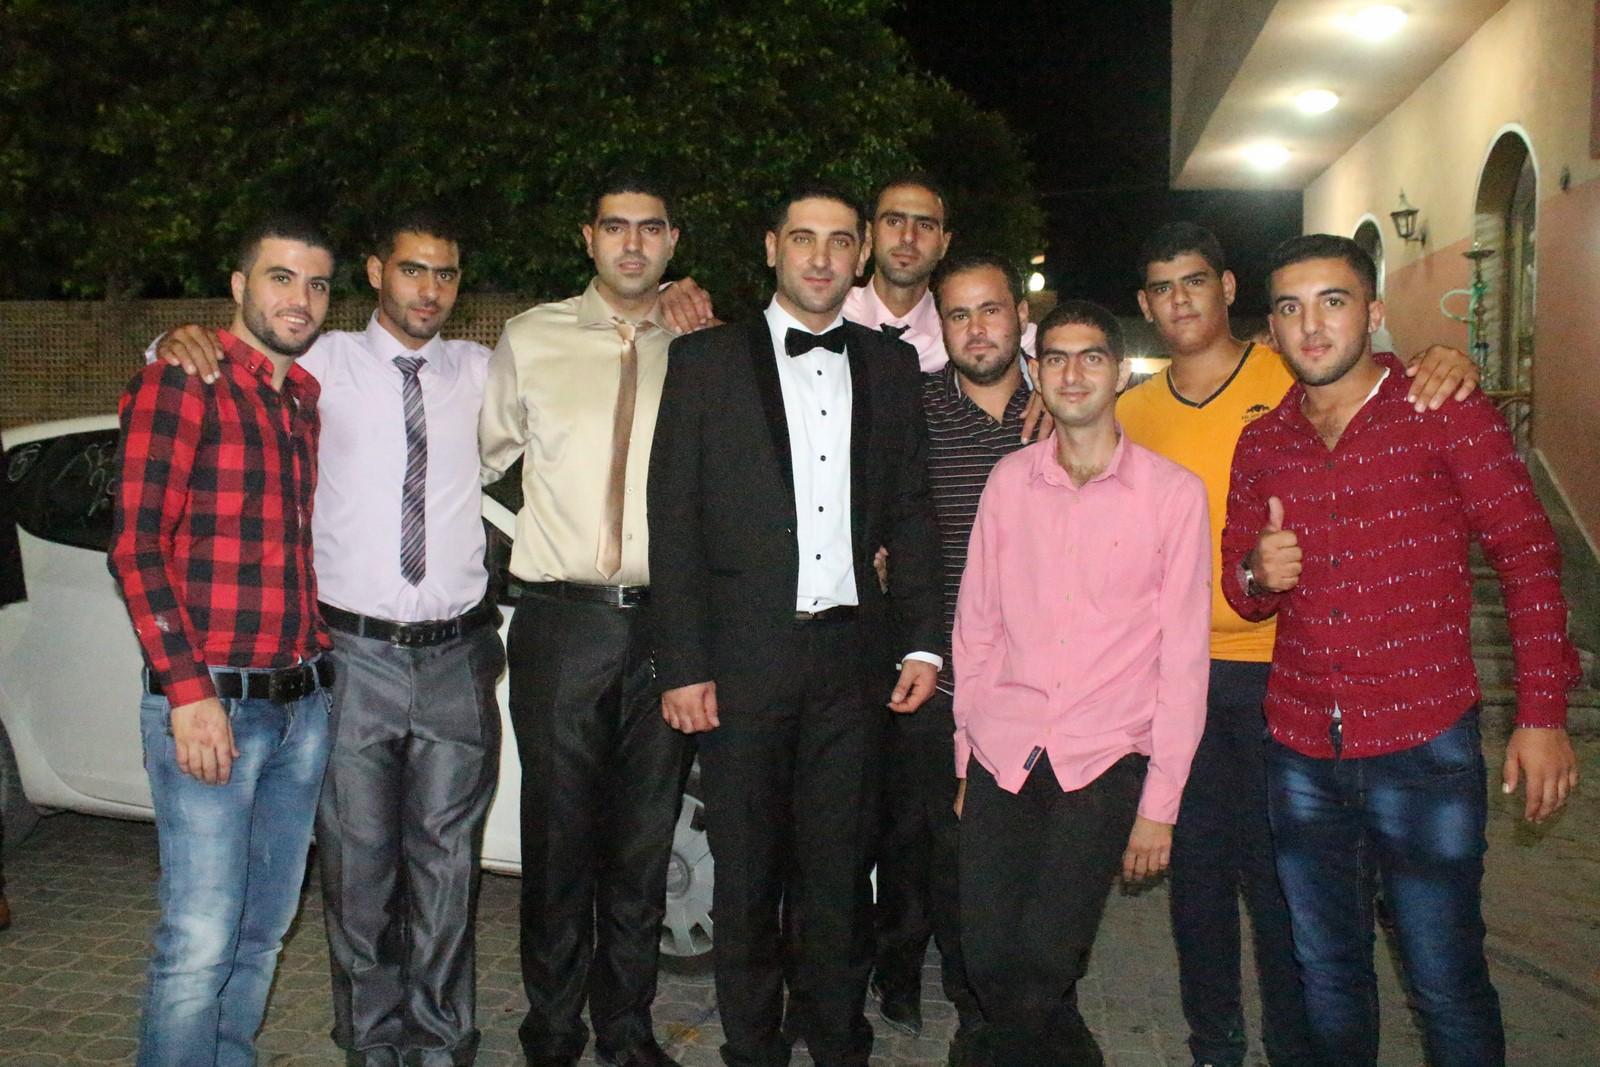 حفل زفاف الأستاذ / درويش حيدر درويش الفرا